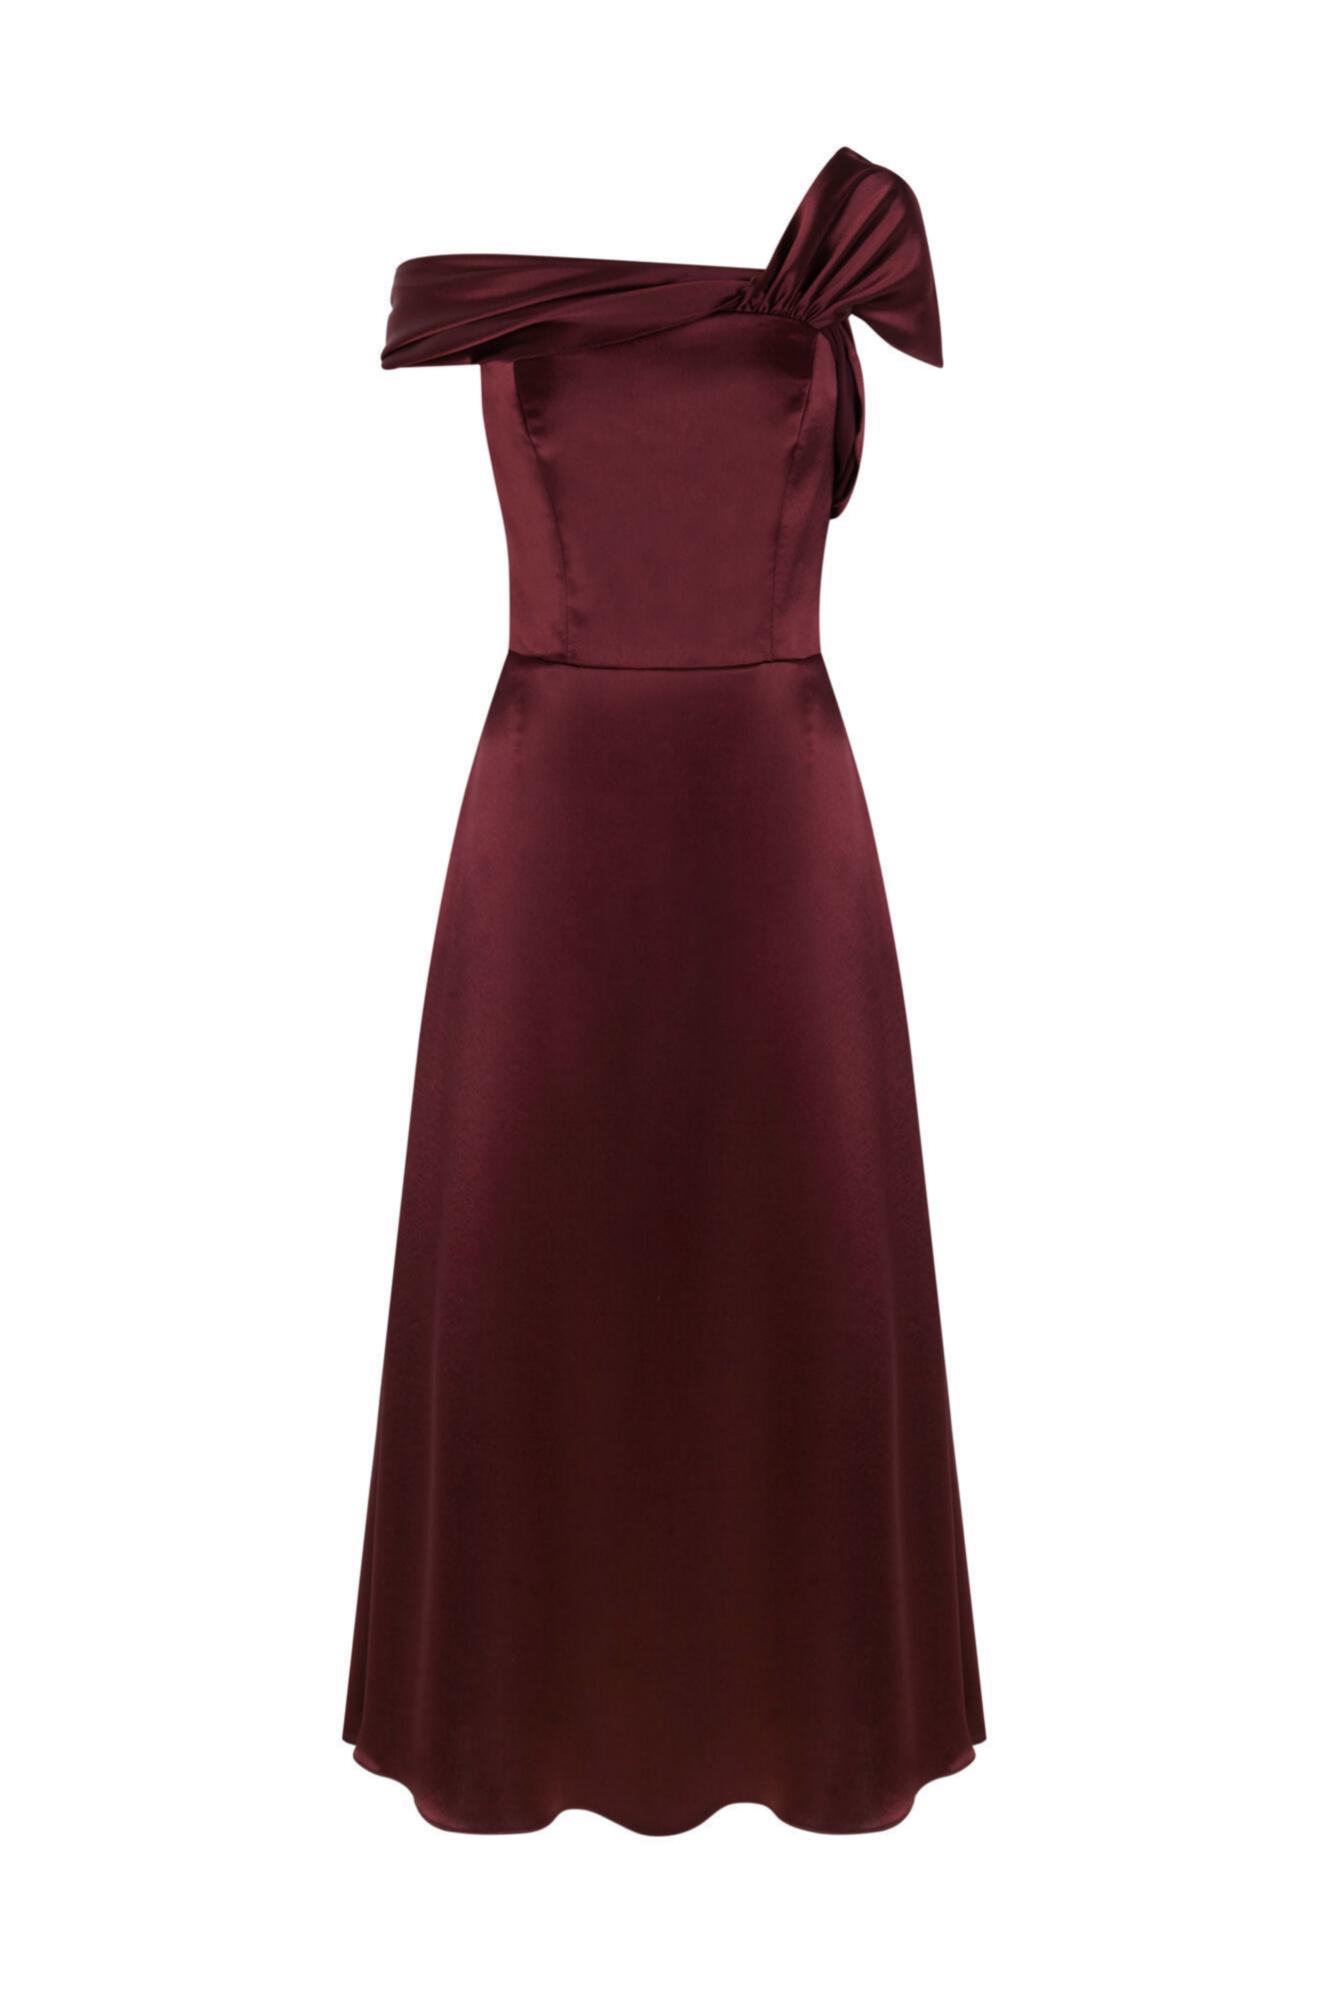 Vestido de seda con escote asimétrico de Pedro del Hierro (285¤)